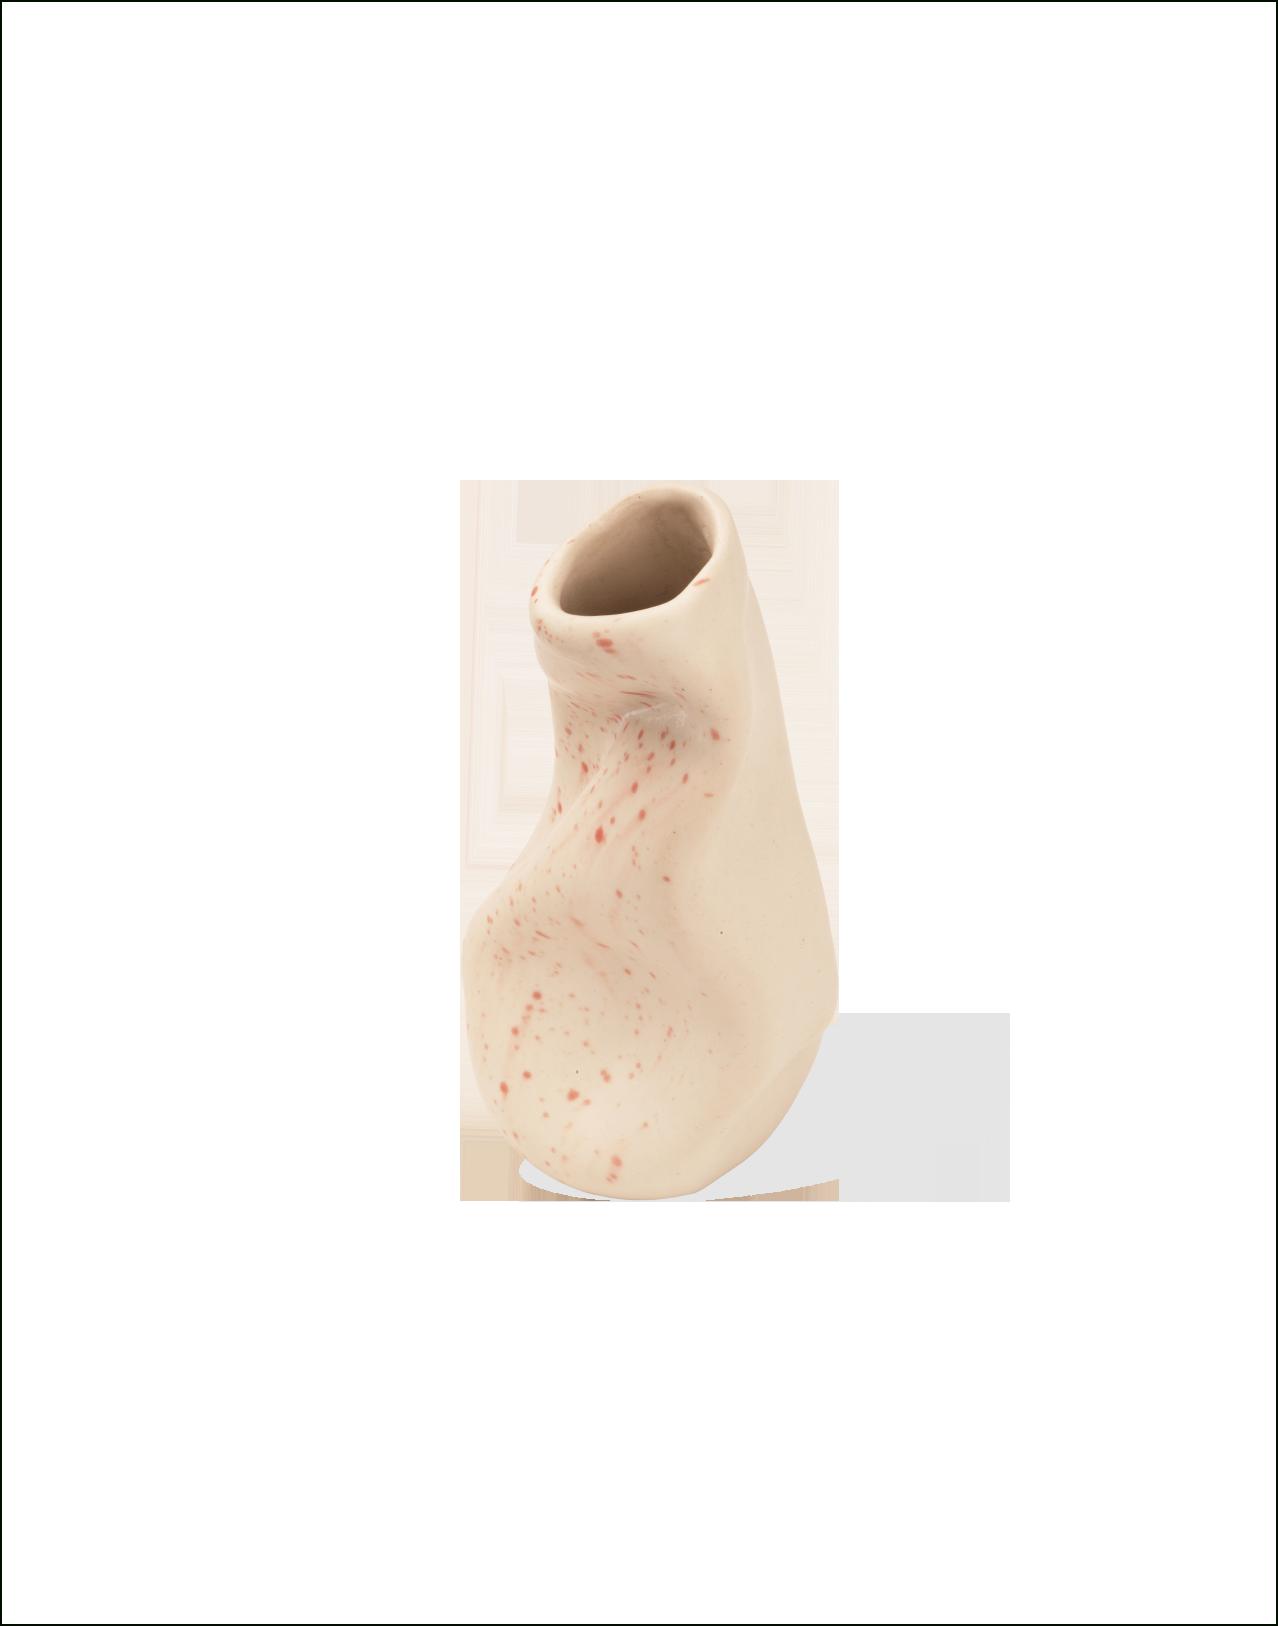 Completedworks-Ceramics-Object-20-4-1.png